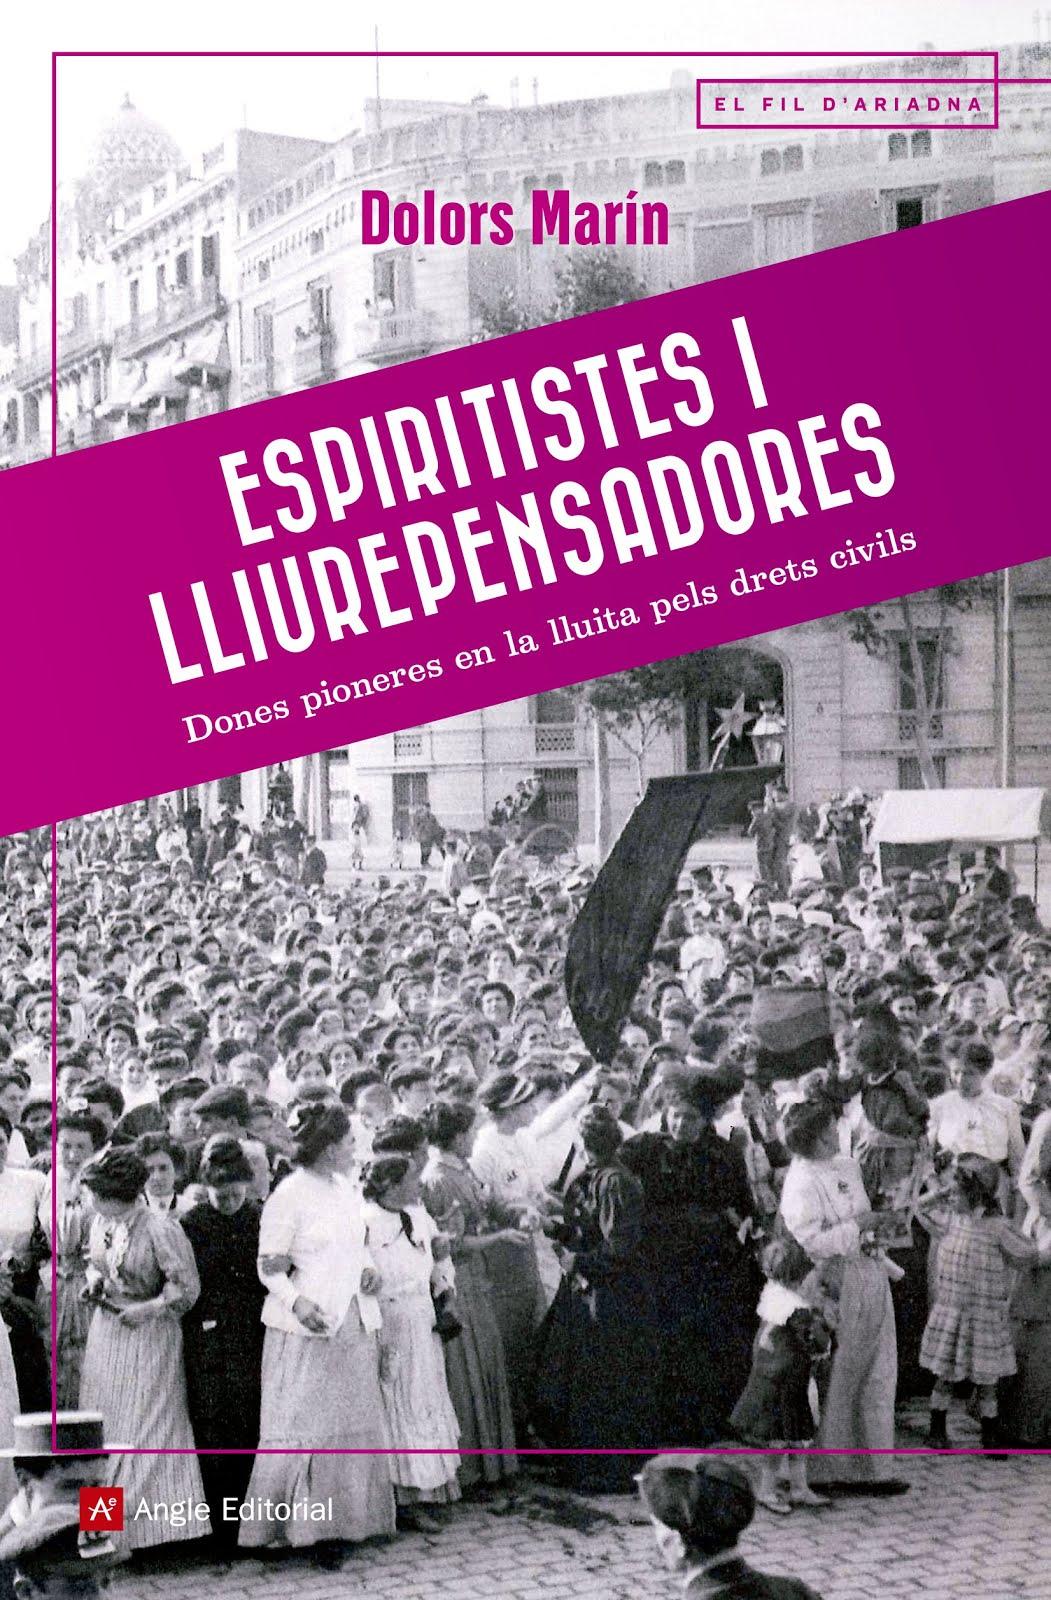 Espiritistes i lliurepensadores,  les pioneres desconegudes de la lluita pels drets civils